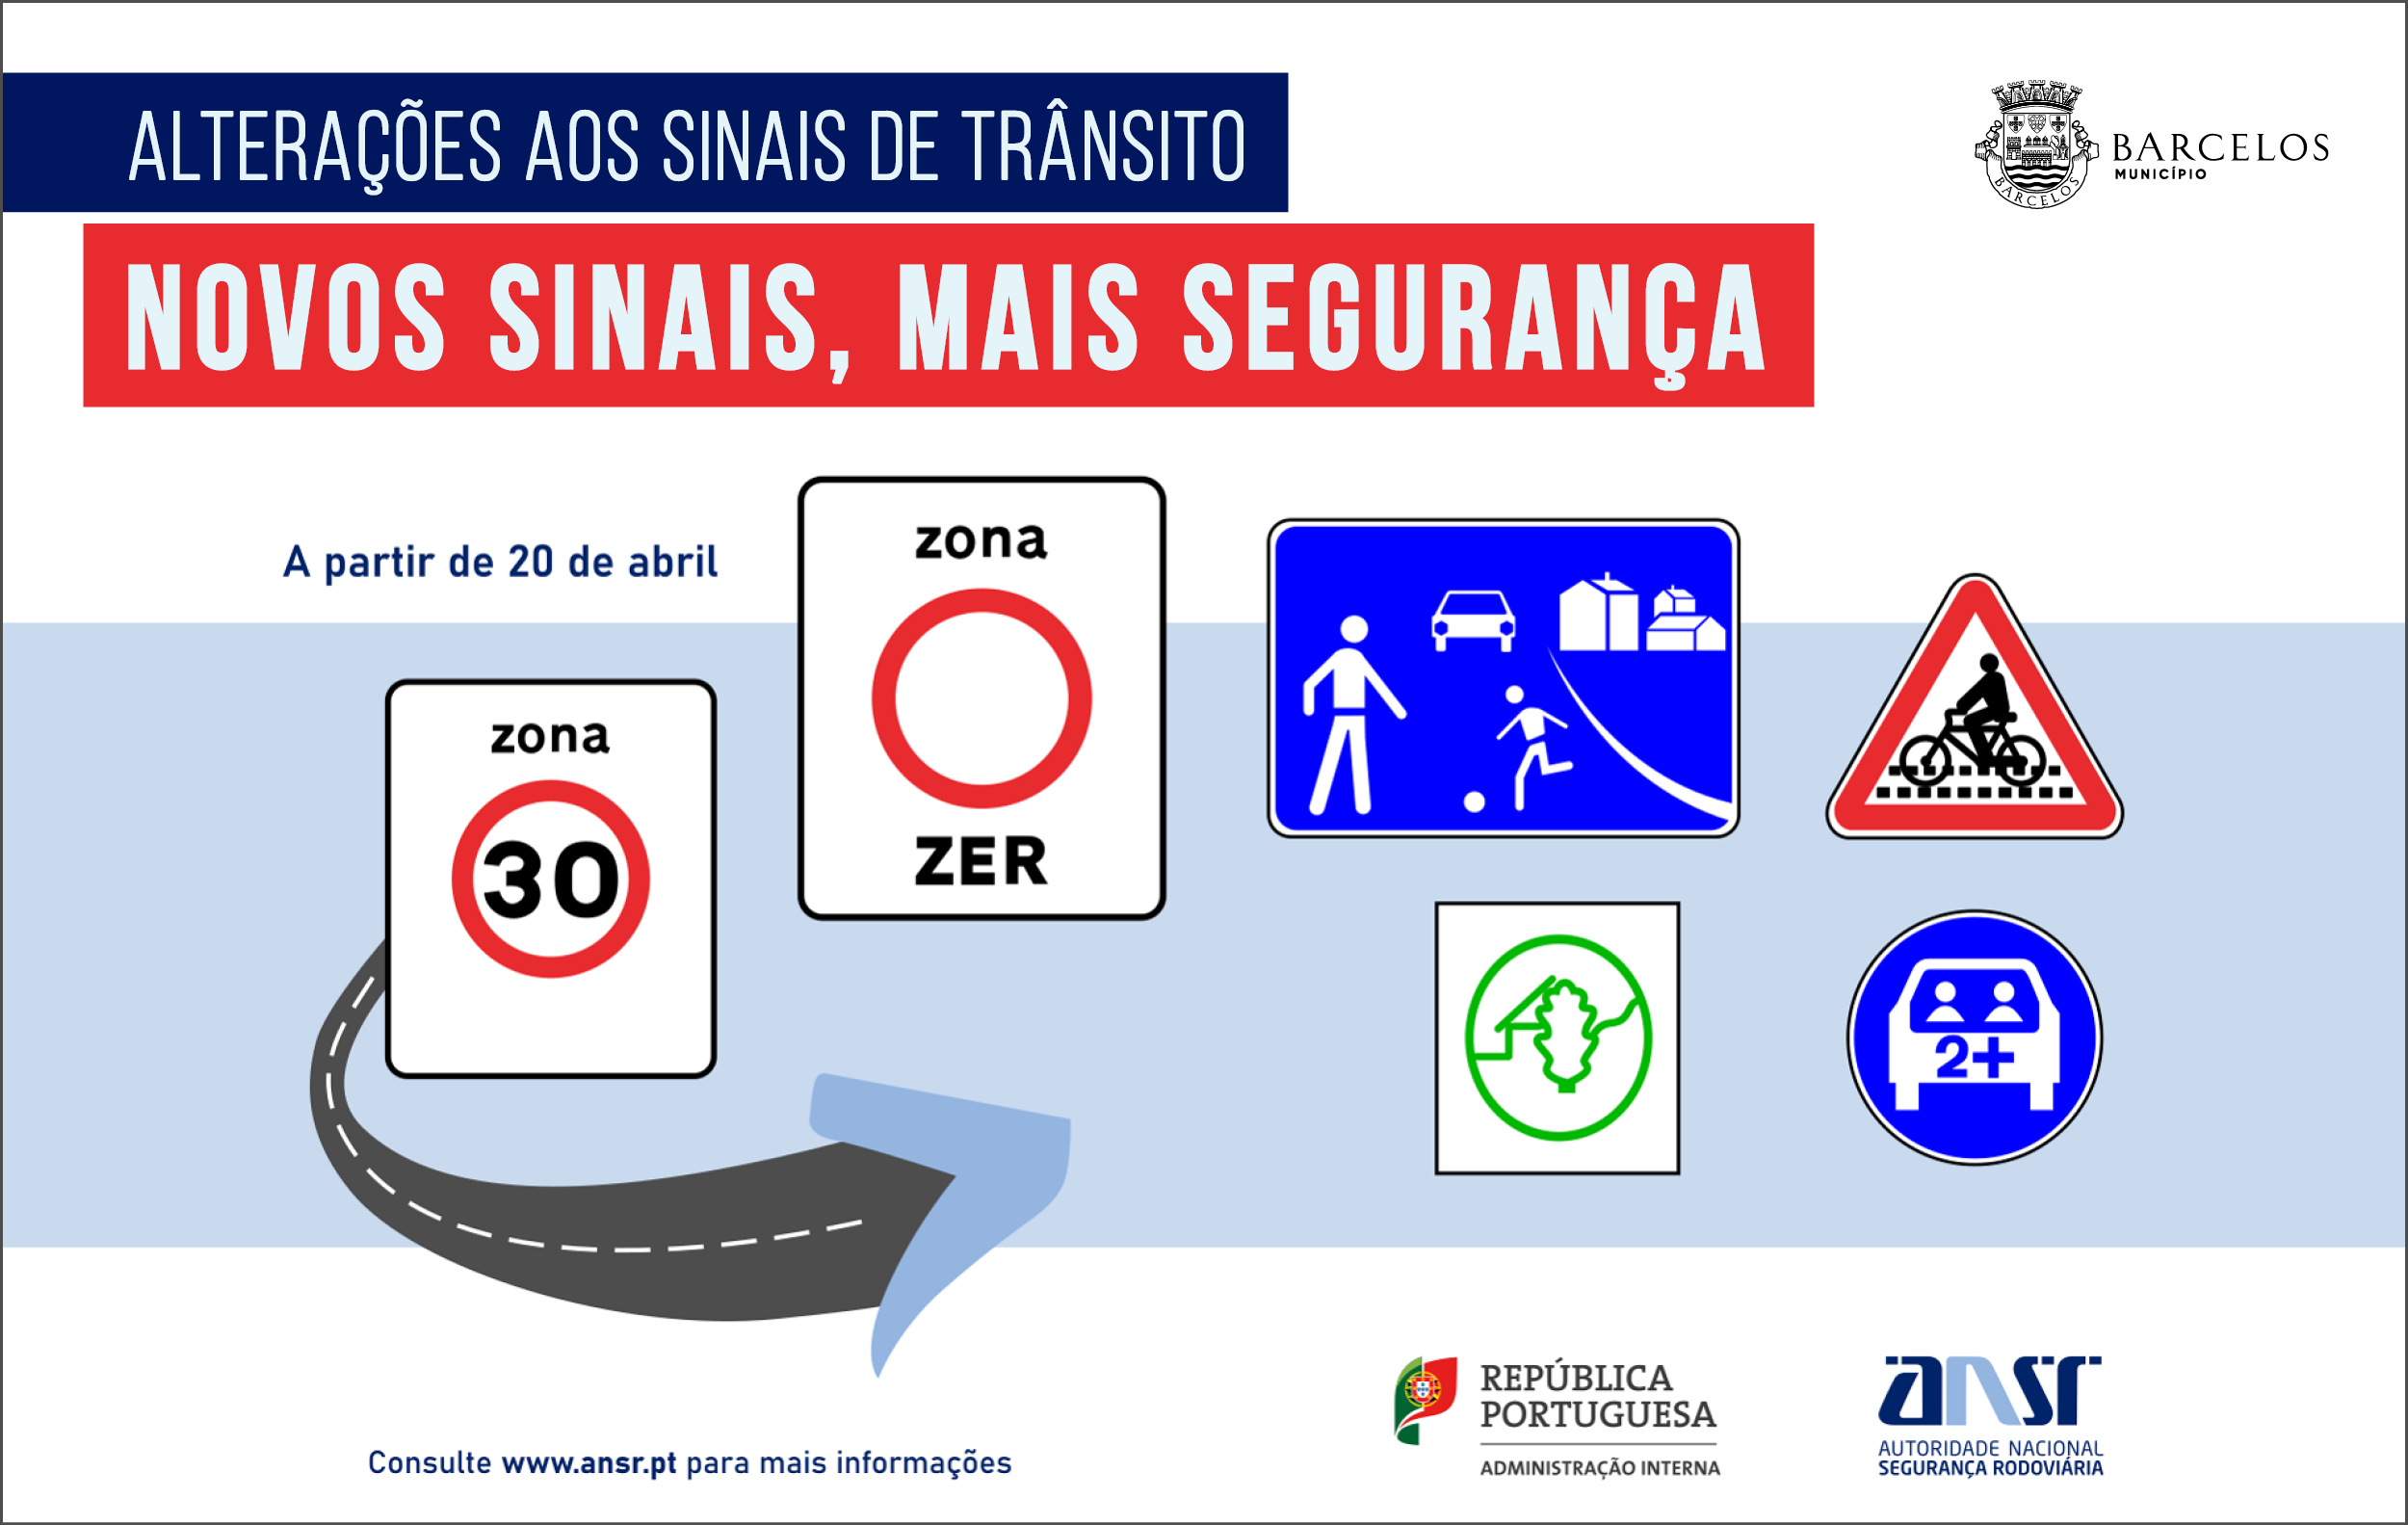 Alterações nos sinais de trânsito entram em vigor a 20 de abril